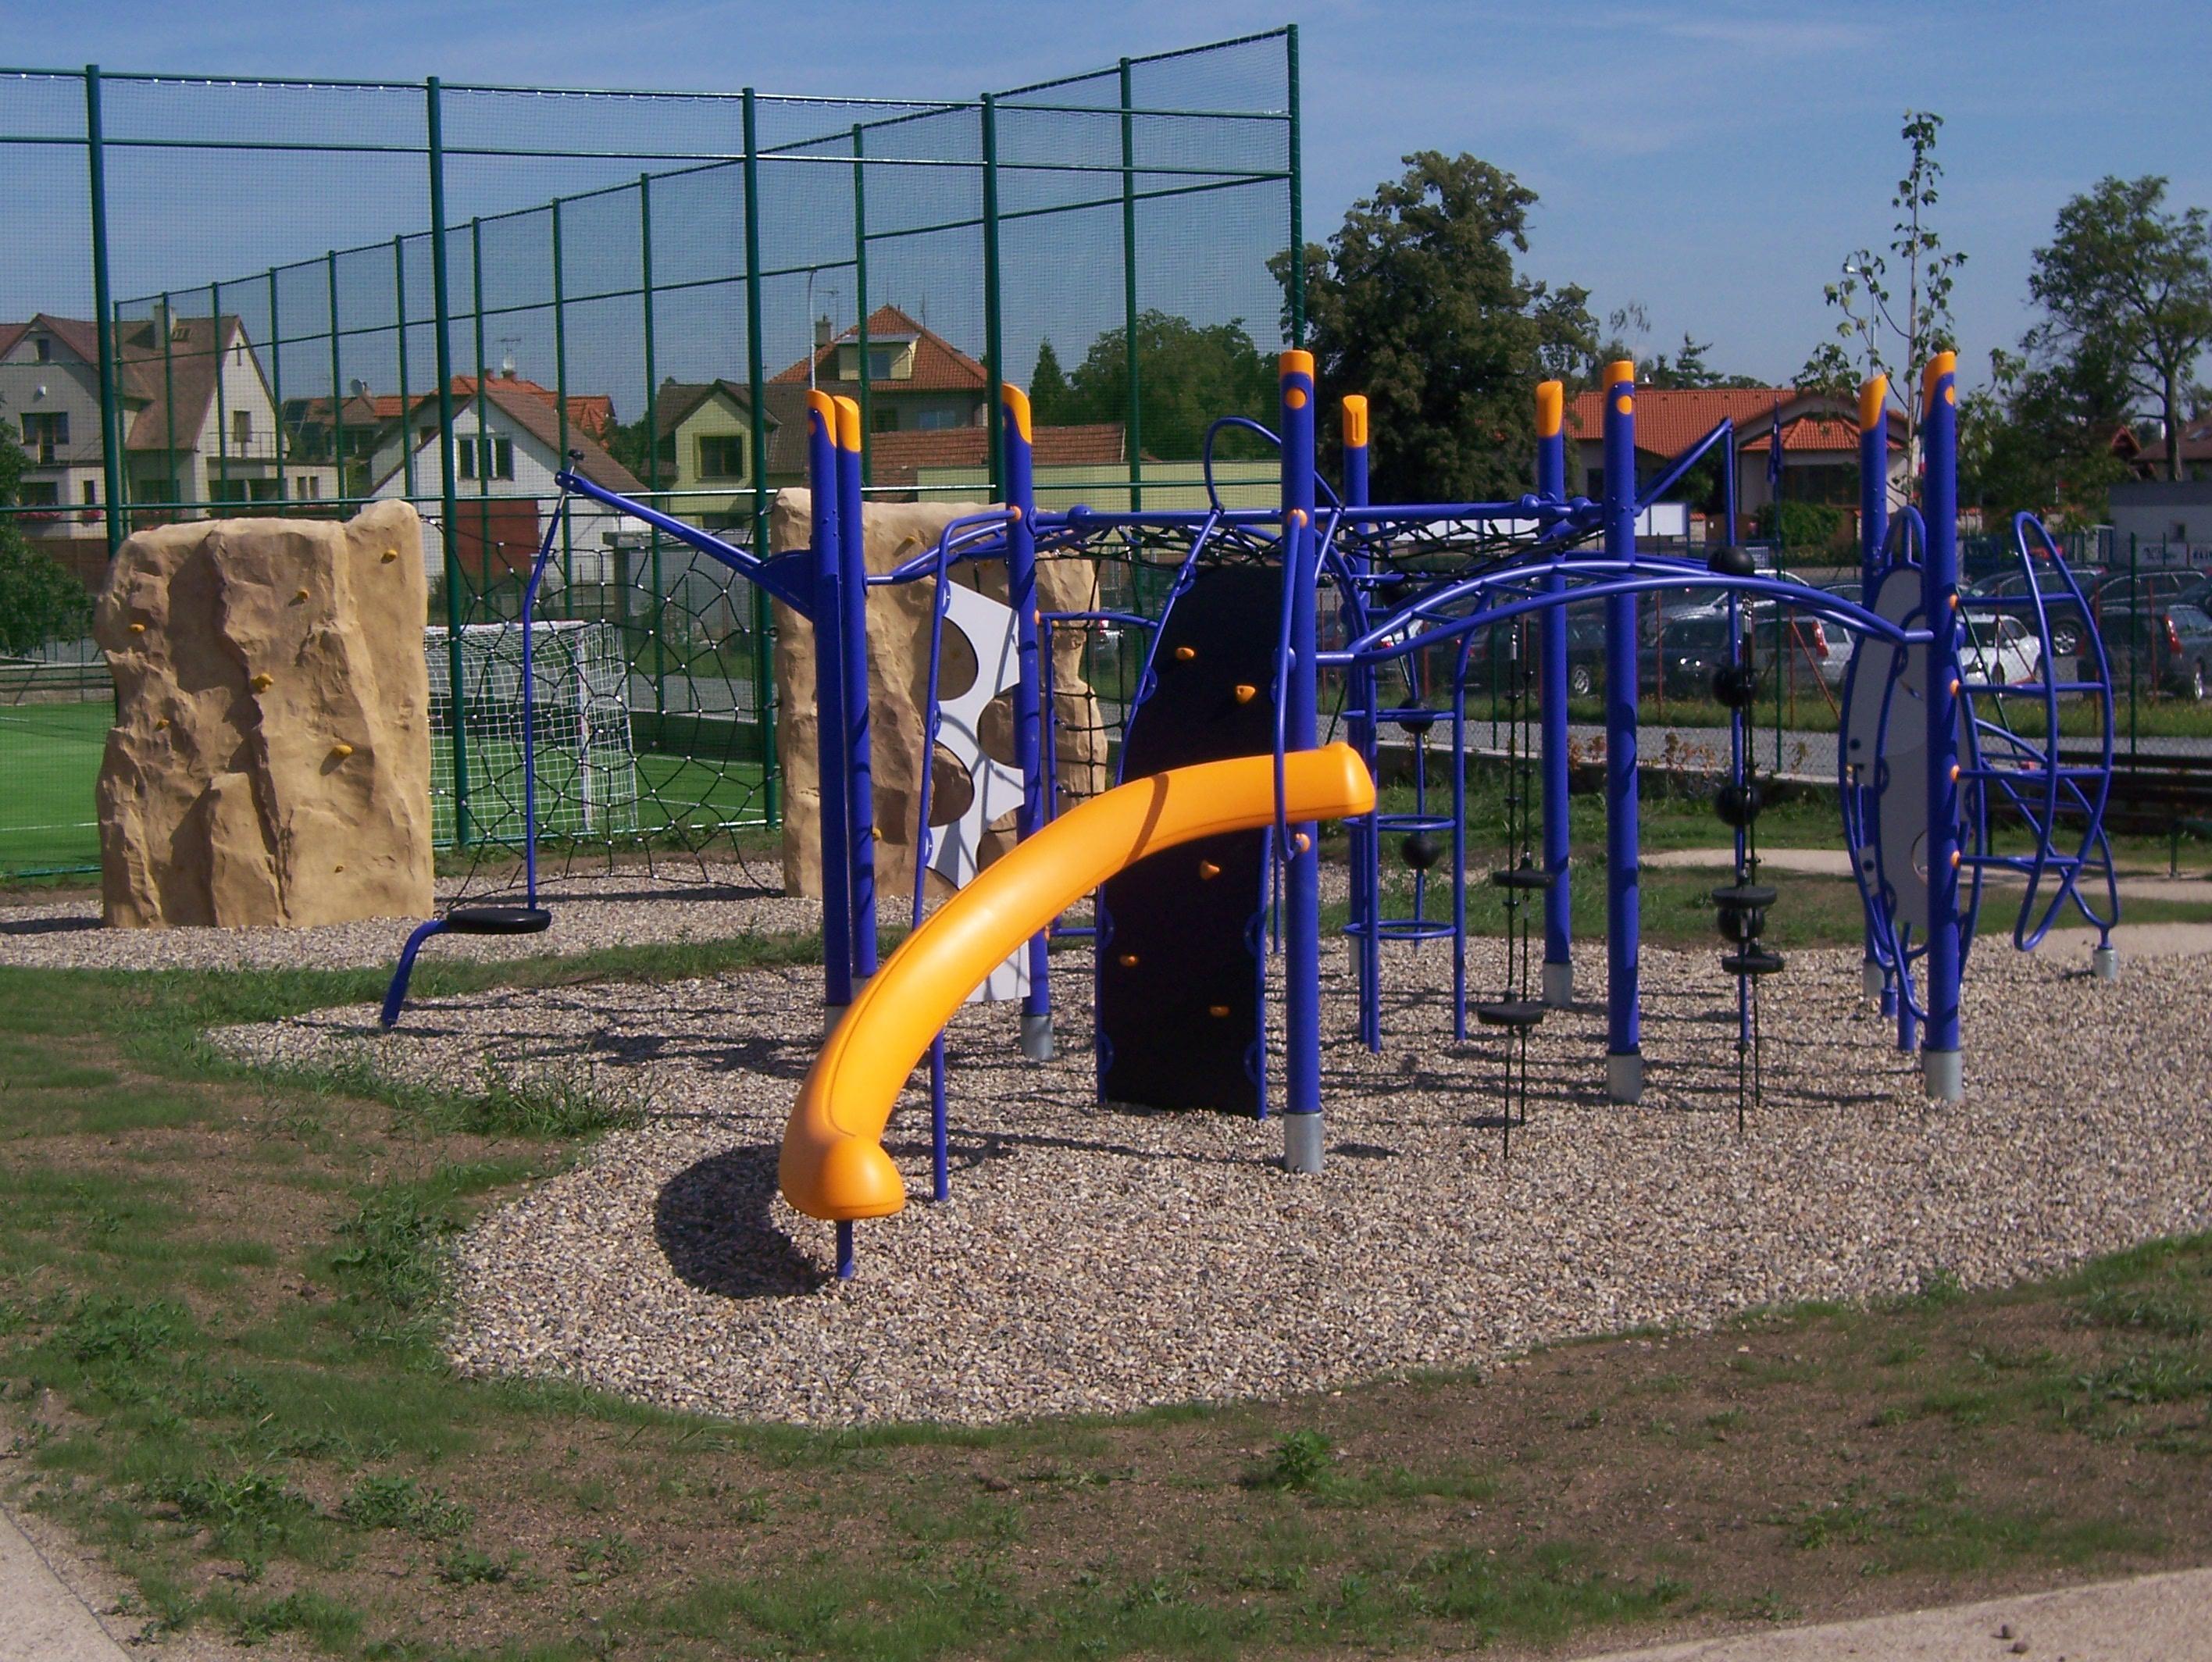 Výstavba dětských hřišť, stavba sportovních areálů, parků.